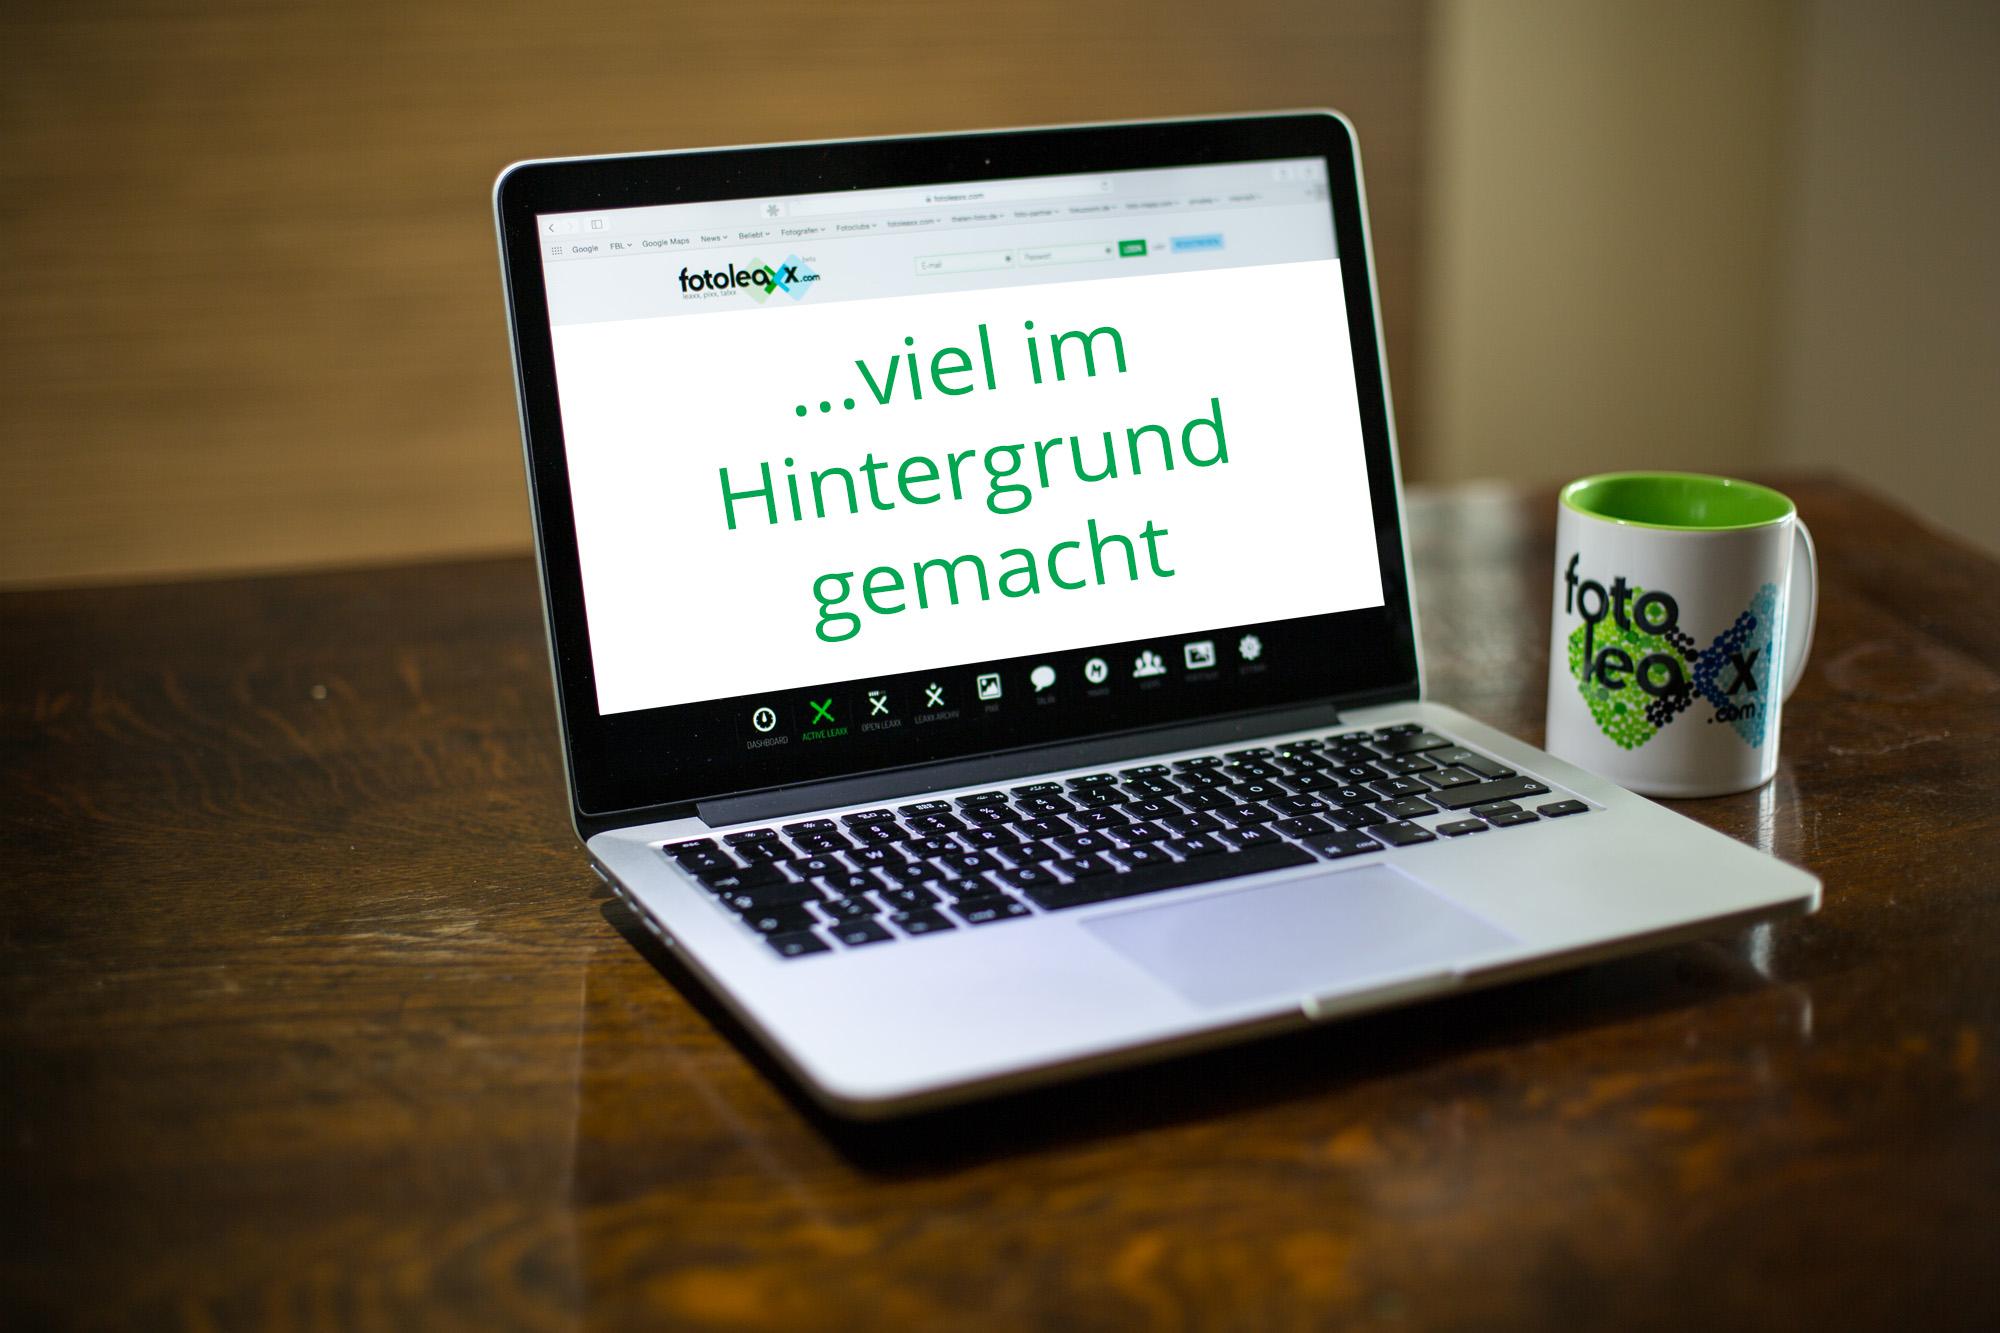 VIEL IM HINTERGRUND GEMACHT